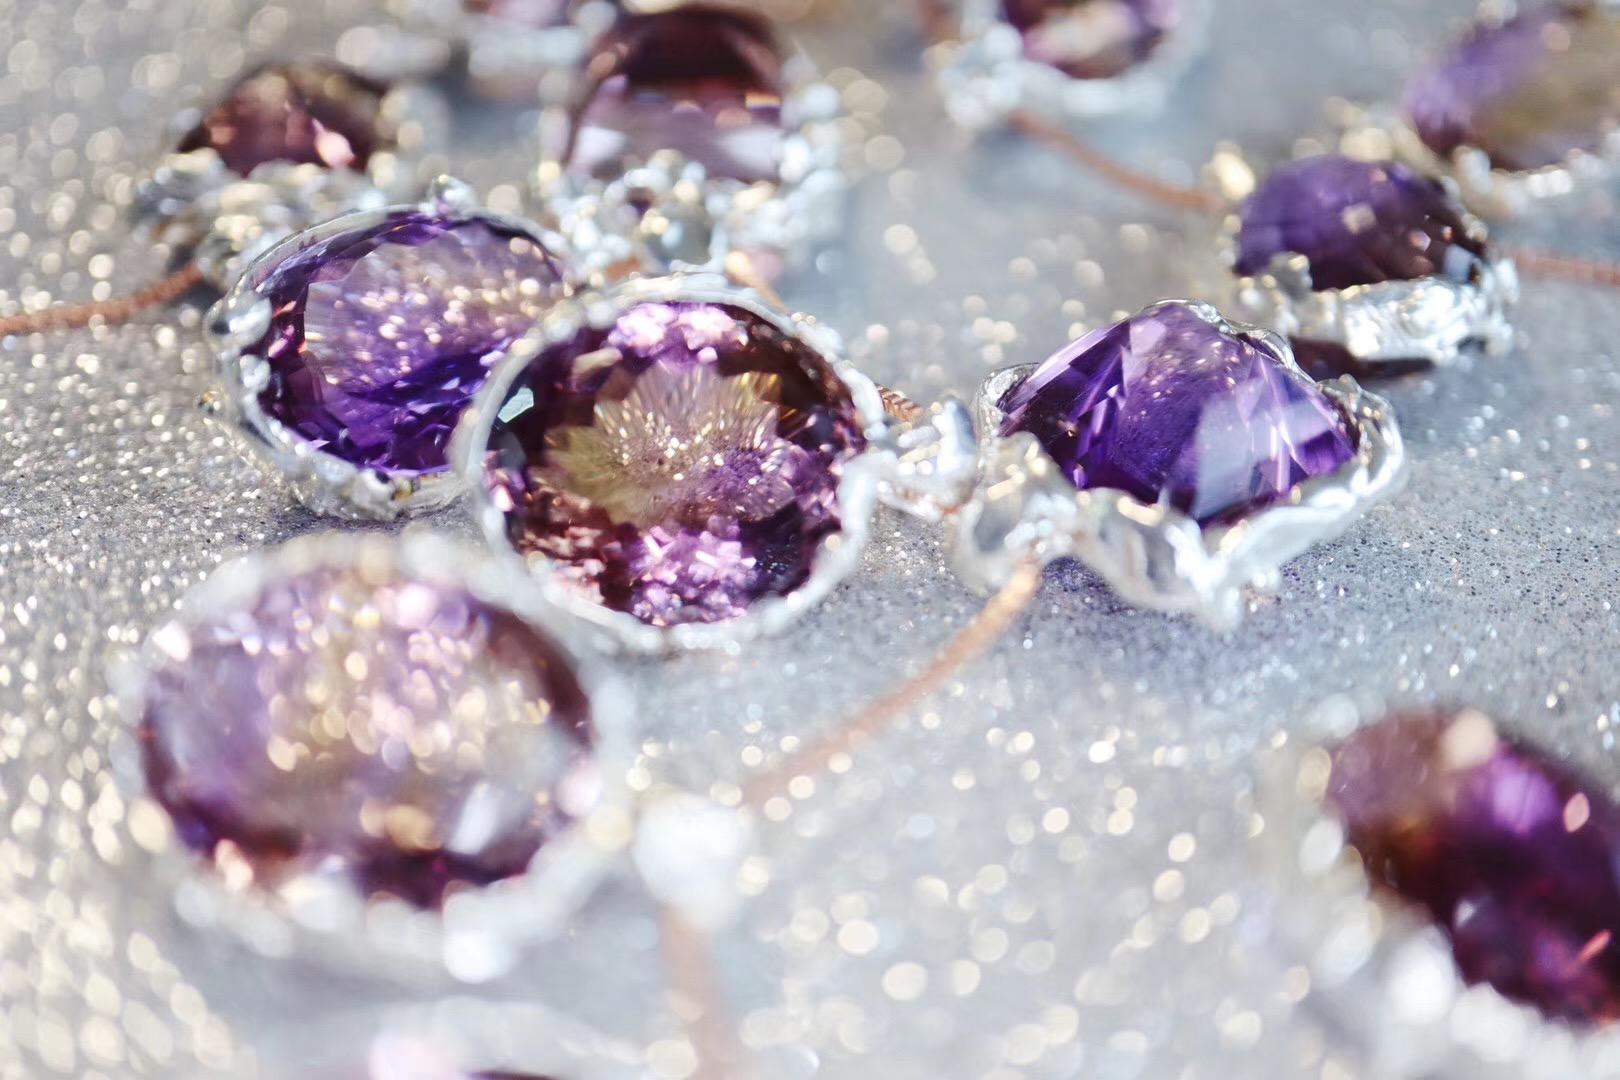 【紫黄晶】久等了~菩心经典纯手工紫黄晶吊坠-菩心晶舍